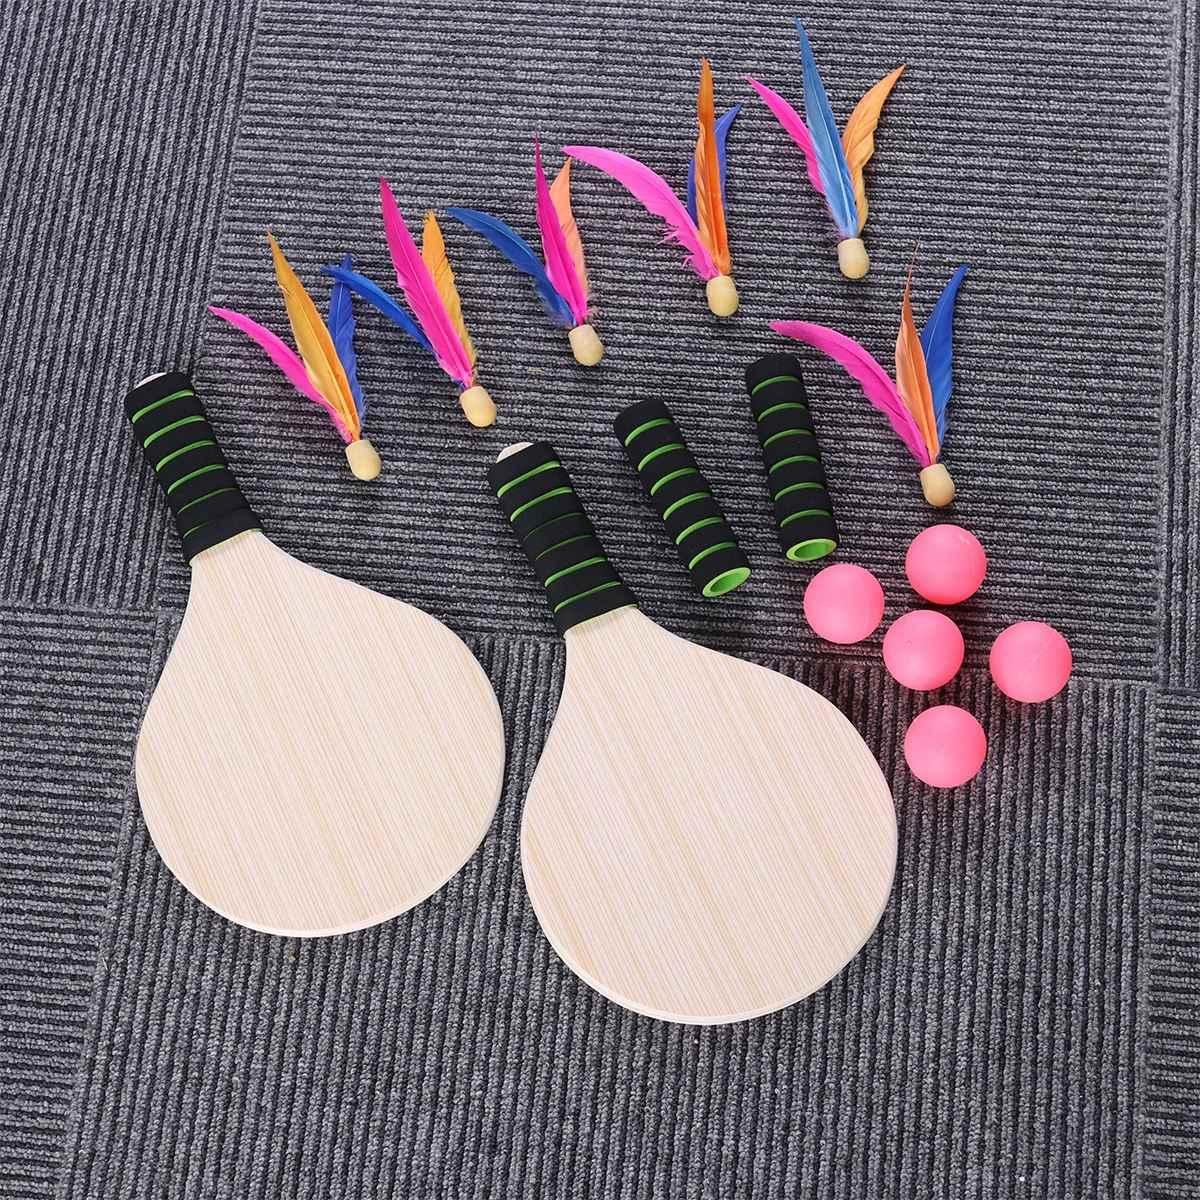 Beach Paddle Ball Game Badminton Tennis Pingpong Beach